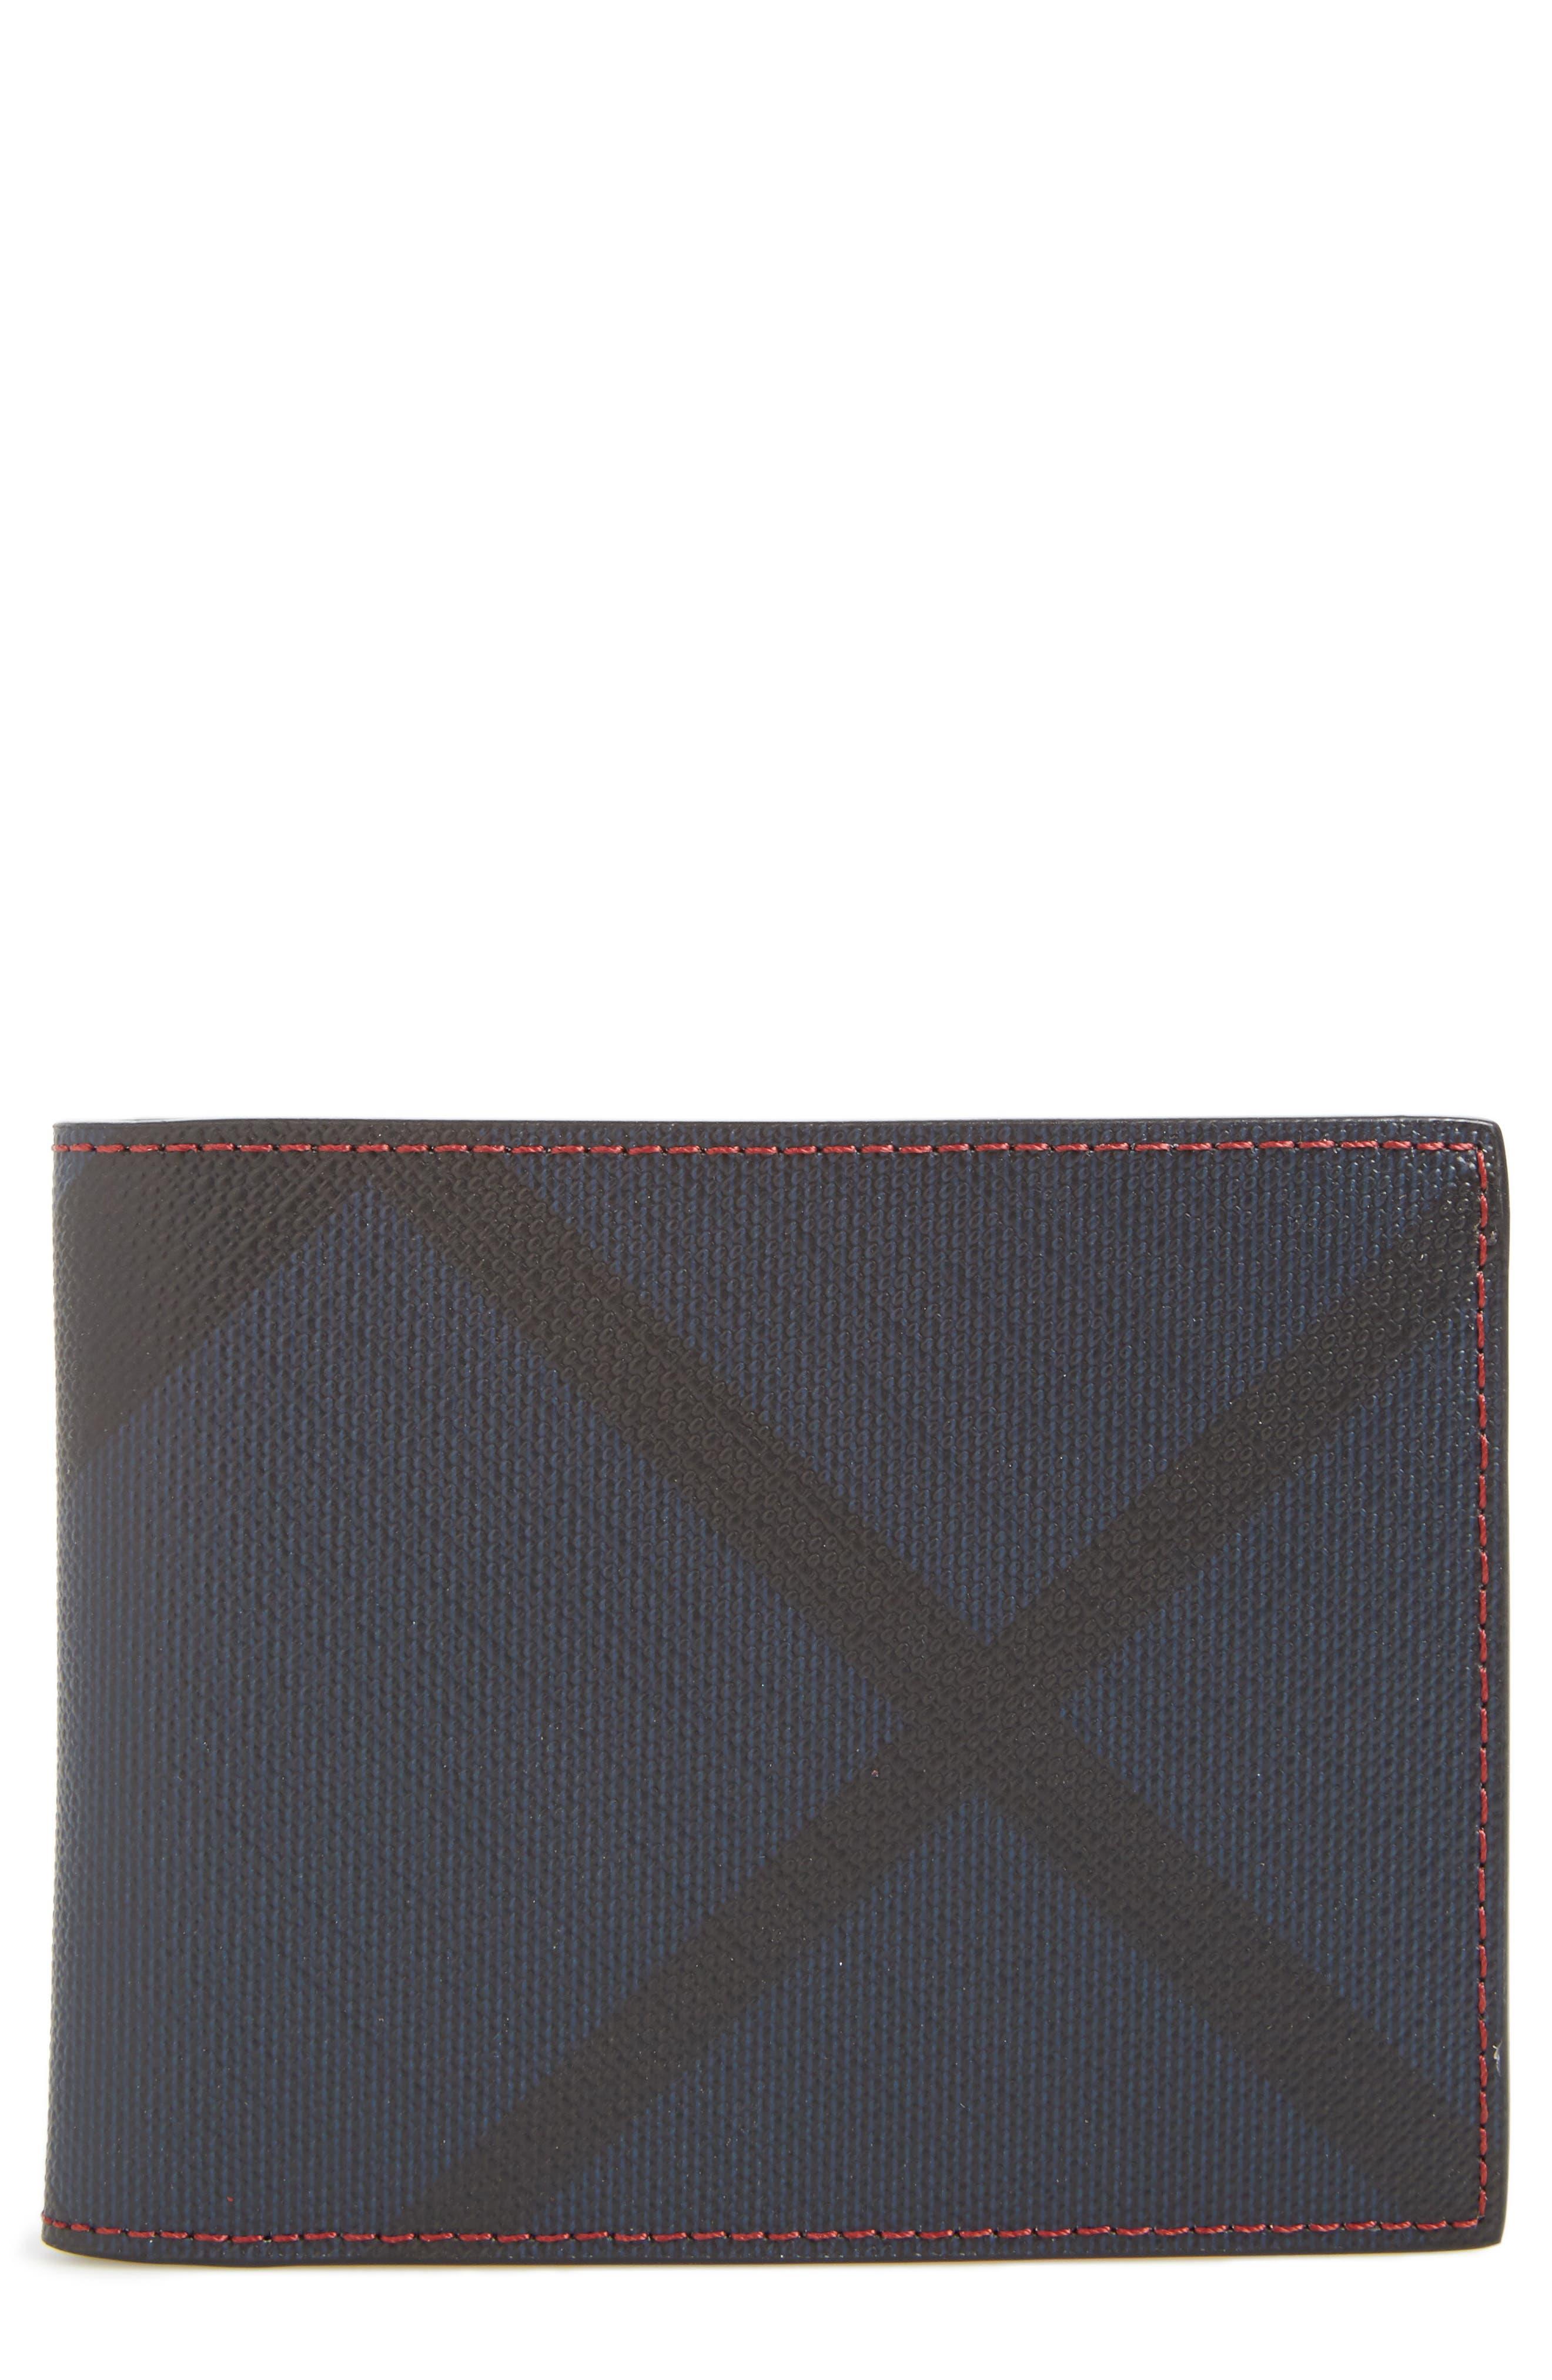 Sandon Wallet,                             Main thumbnail 1, color,                             604